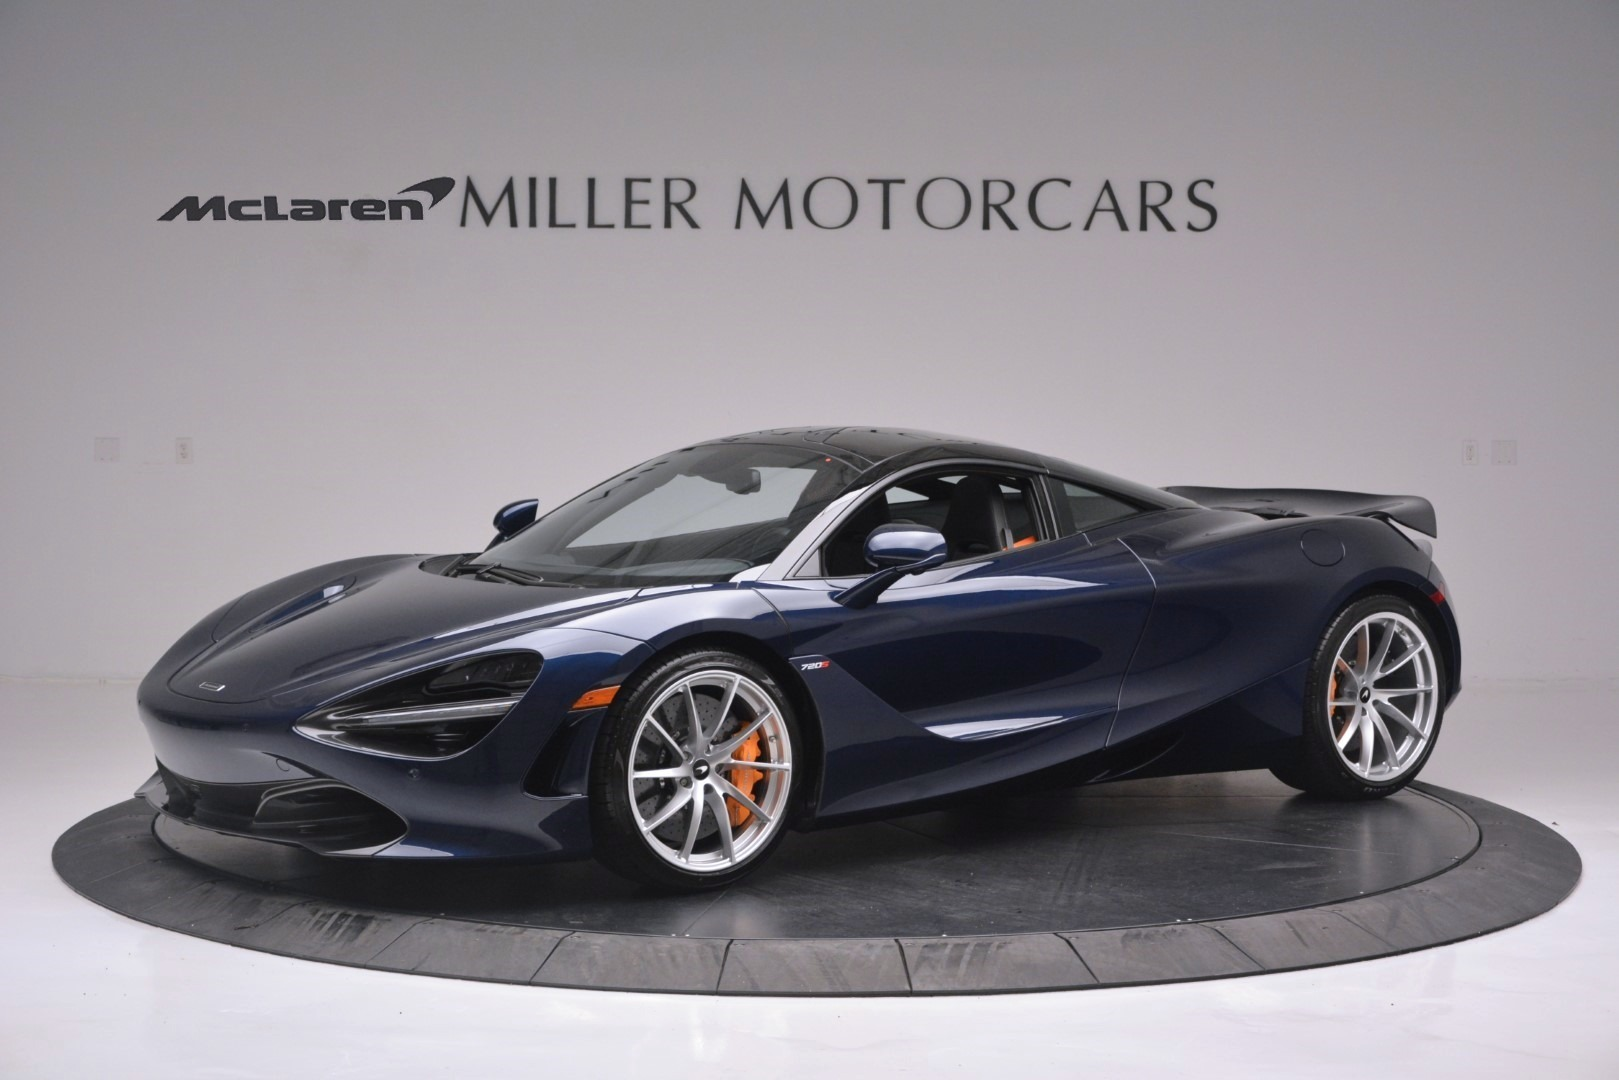 New 2019 McLaren 720S Coupe For Sale In Westport, CT 2730_main